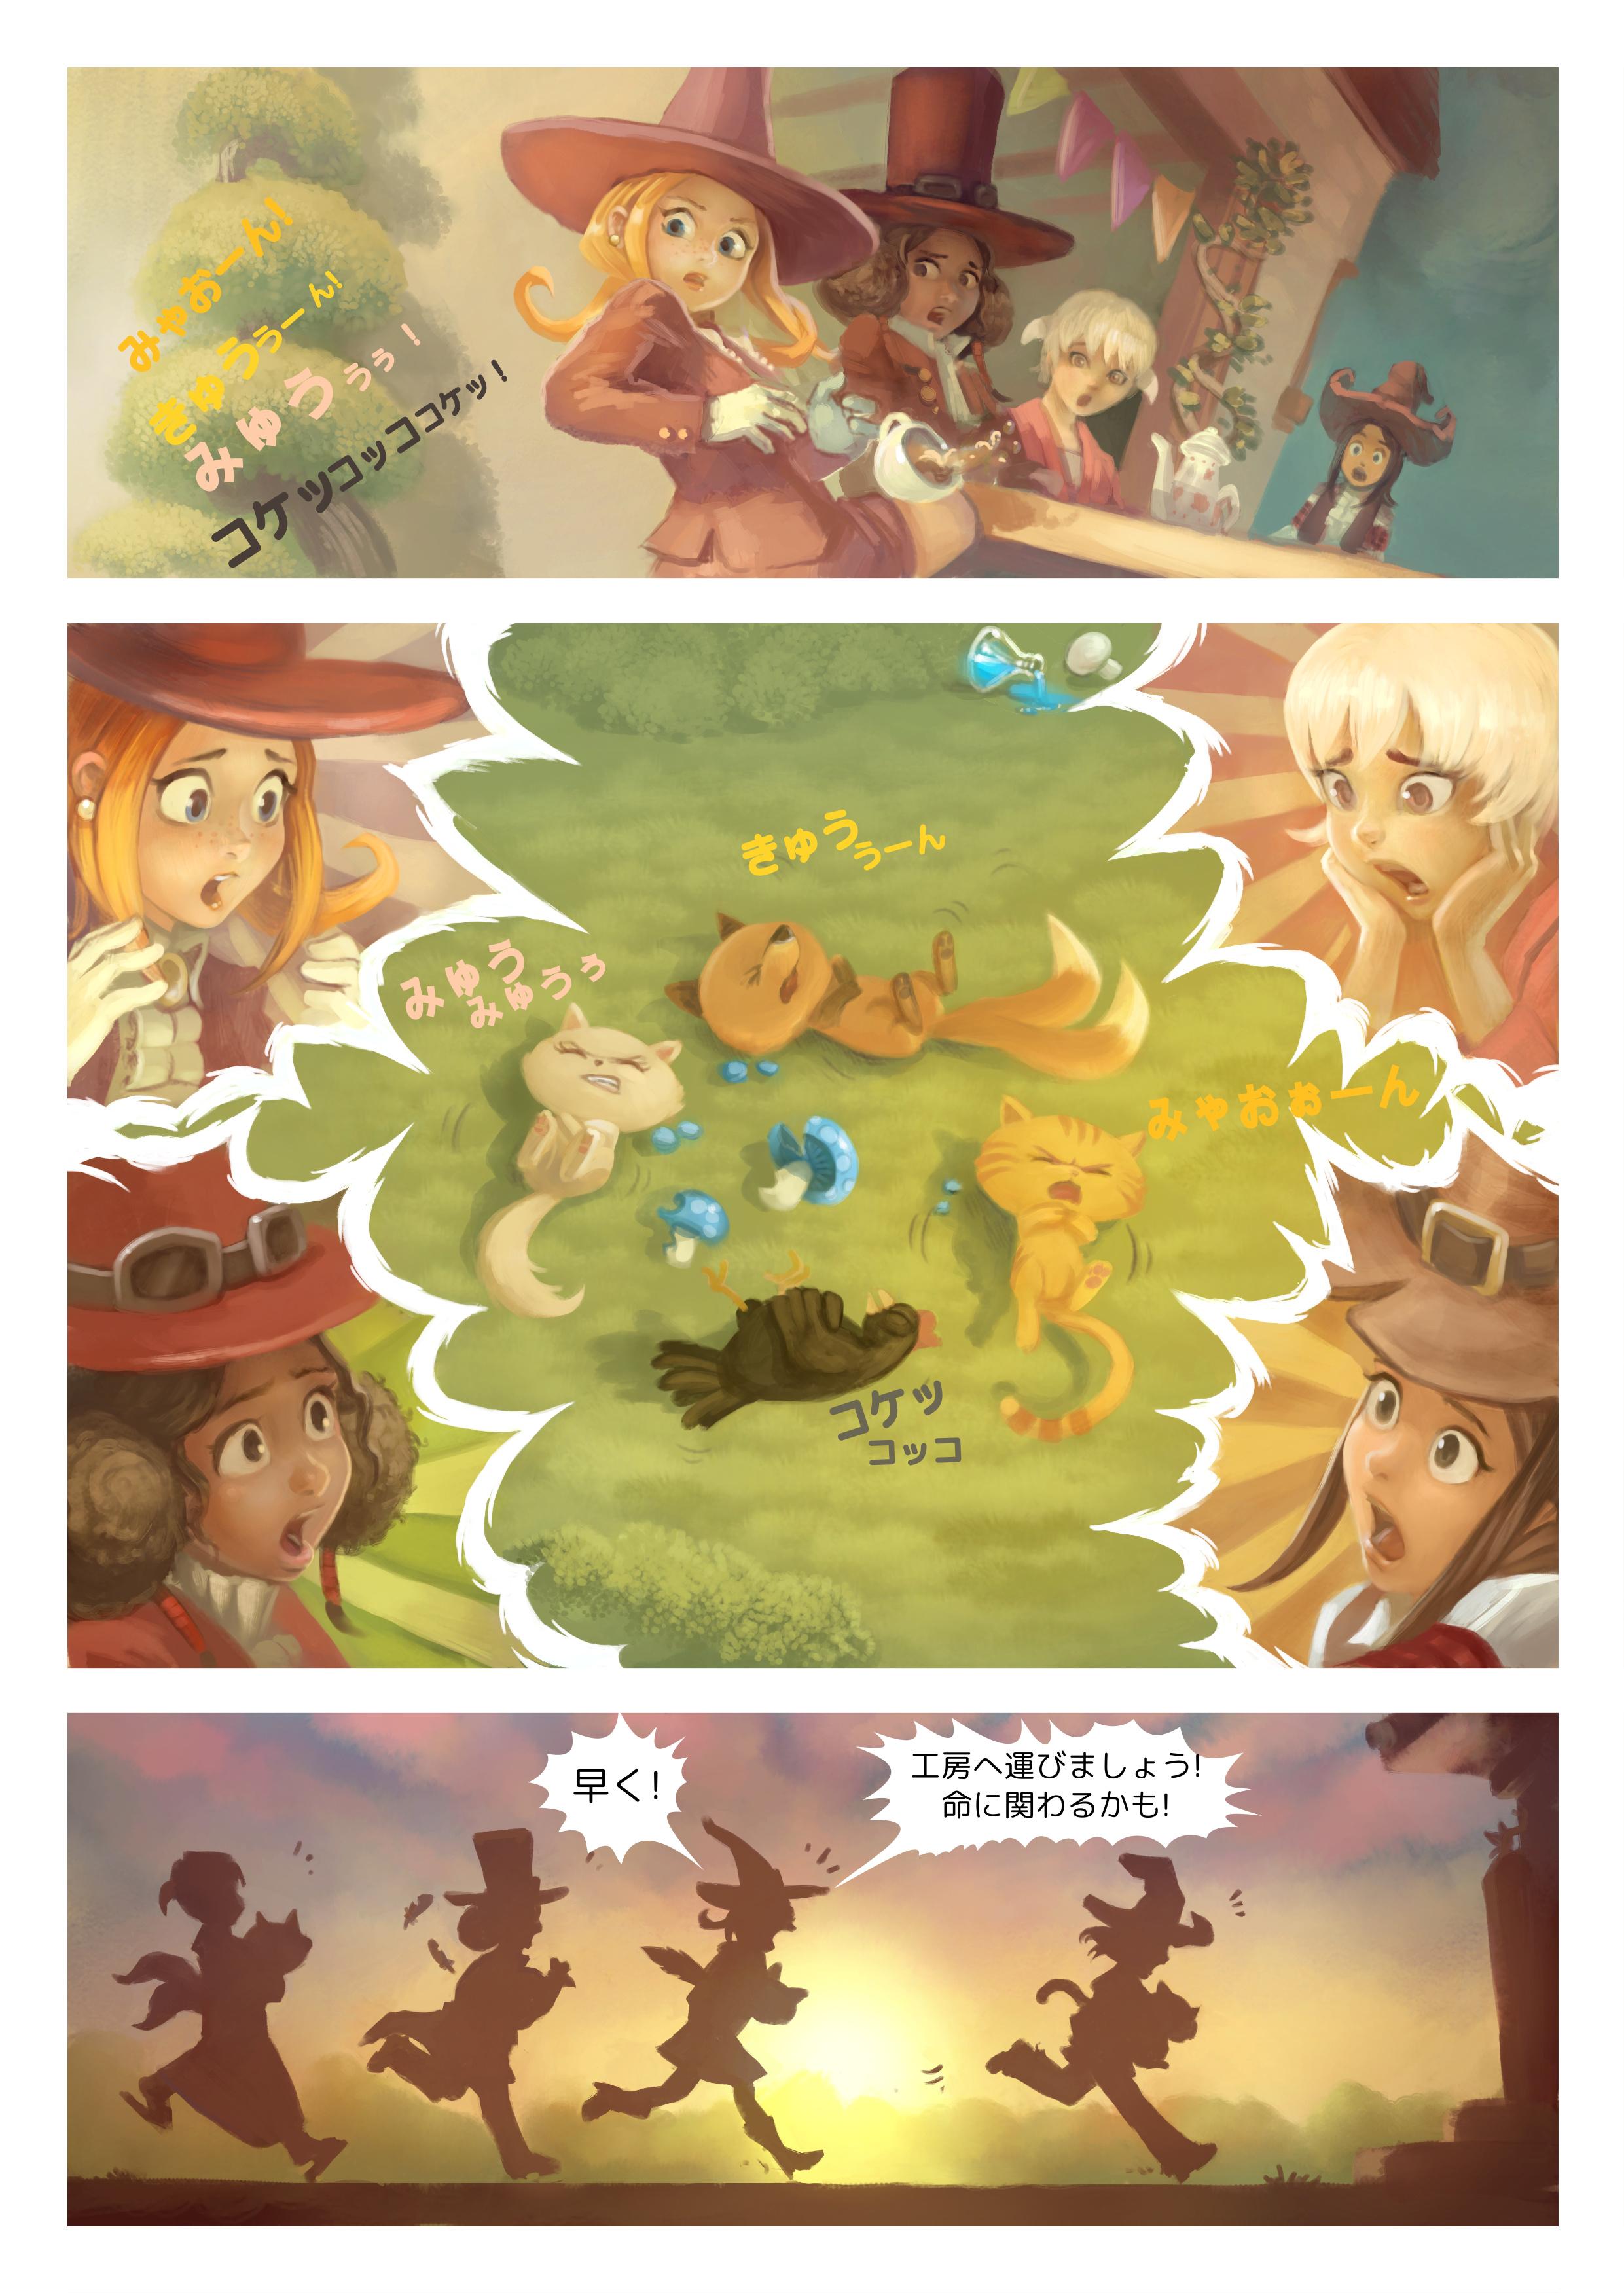 エピソード 9: 治療薬, ページ 5